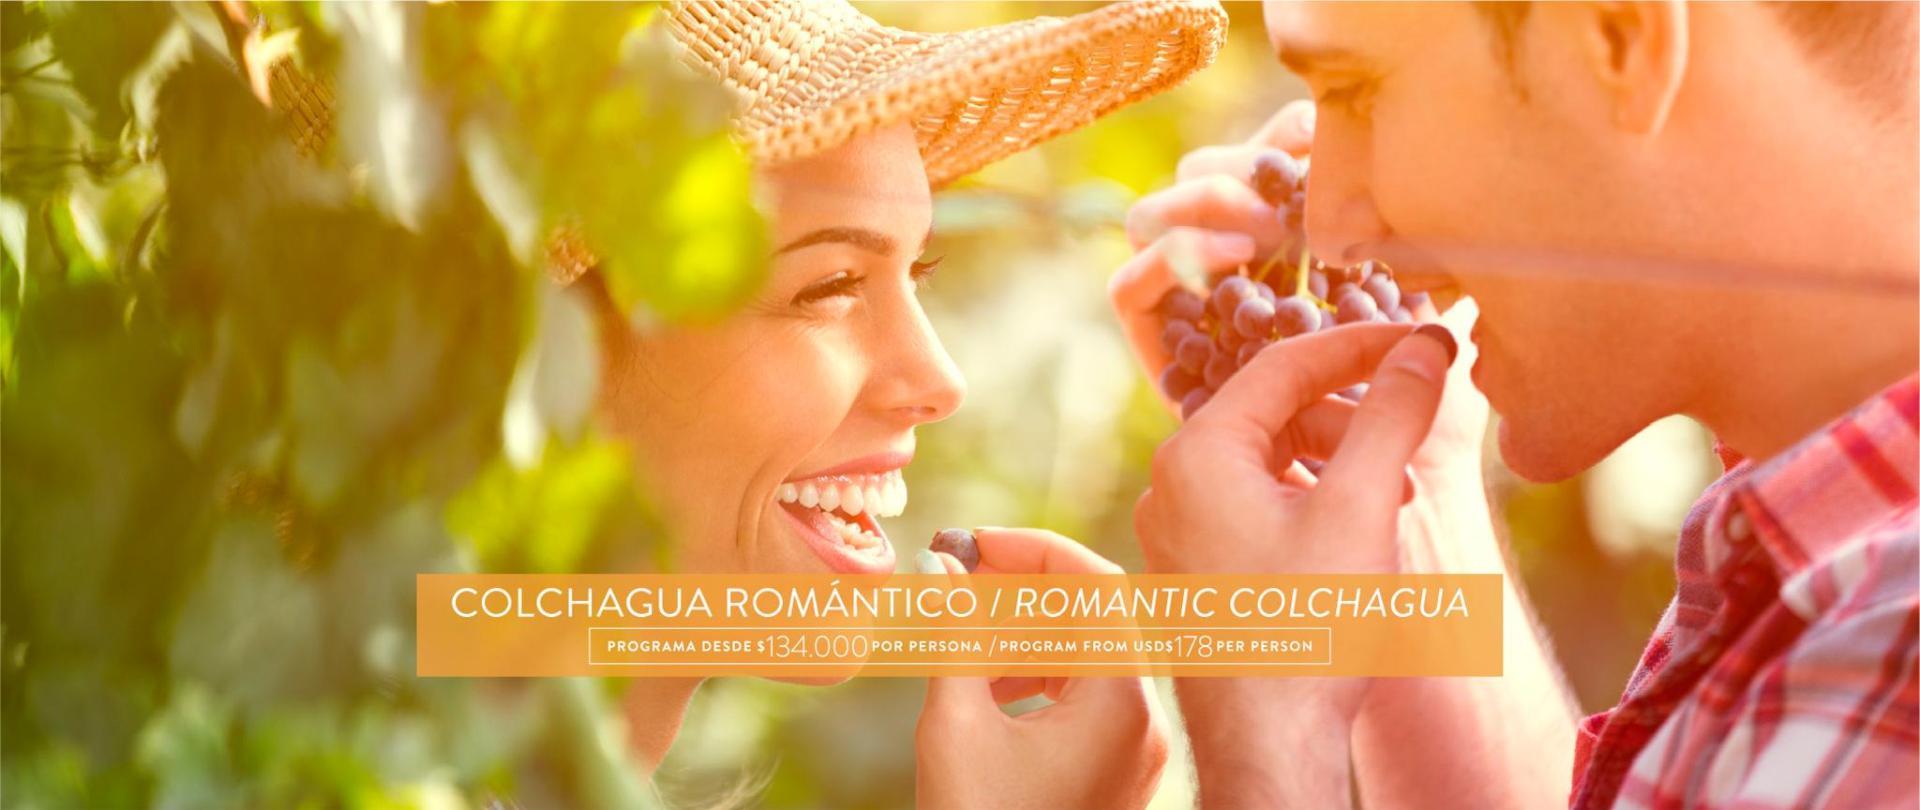 Colchagua Romantico Banner 2018.jpg